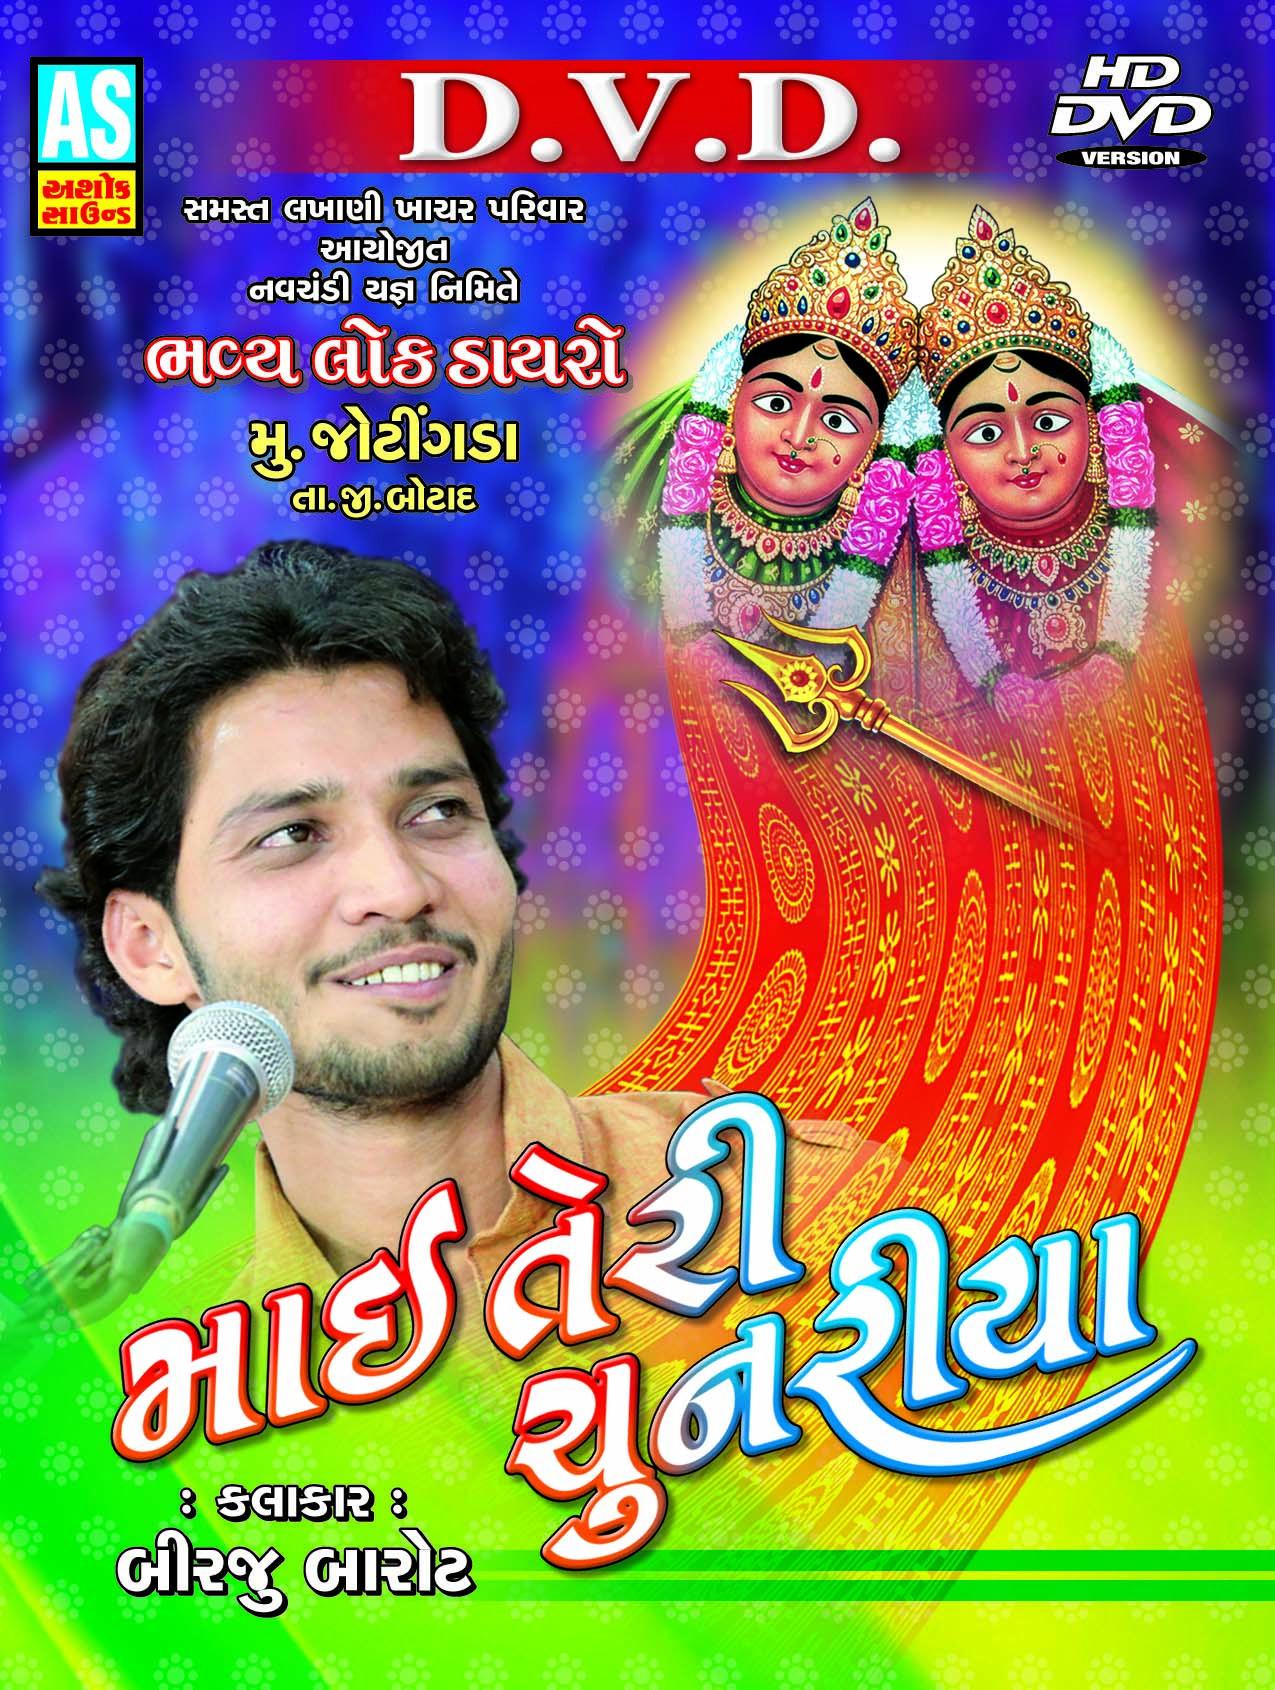 Ashok Sound New Album Album Name Mai Teri Chunariya Singer Name Biraju Barot Mp3 Song Download Mp3 Song Songs